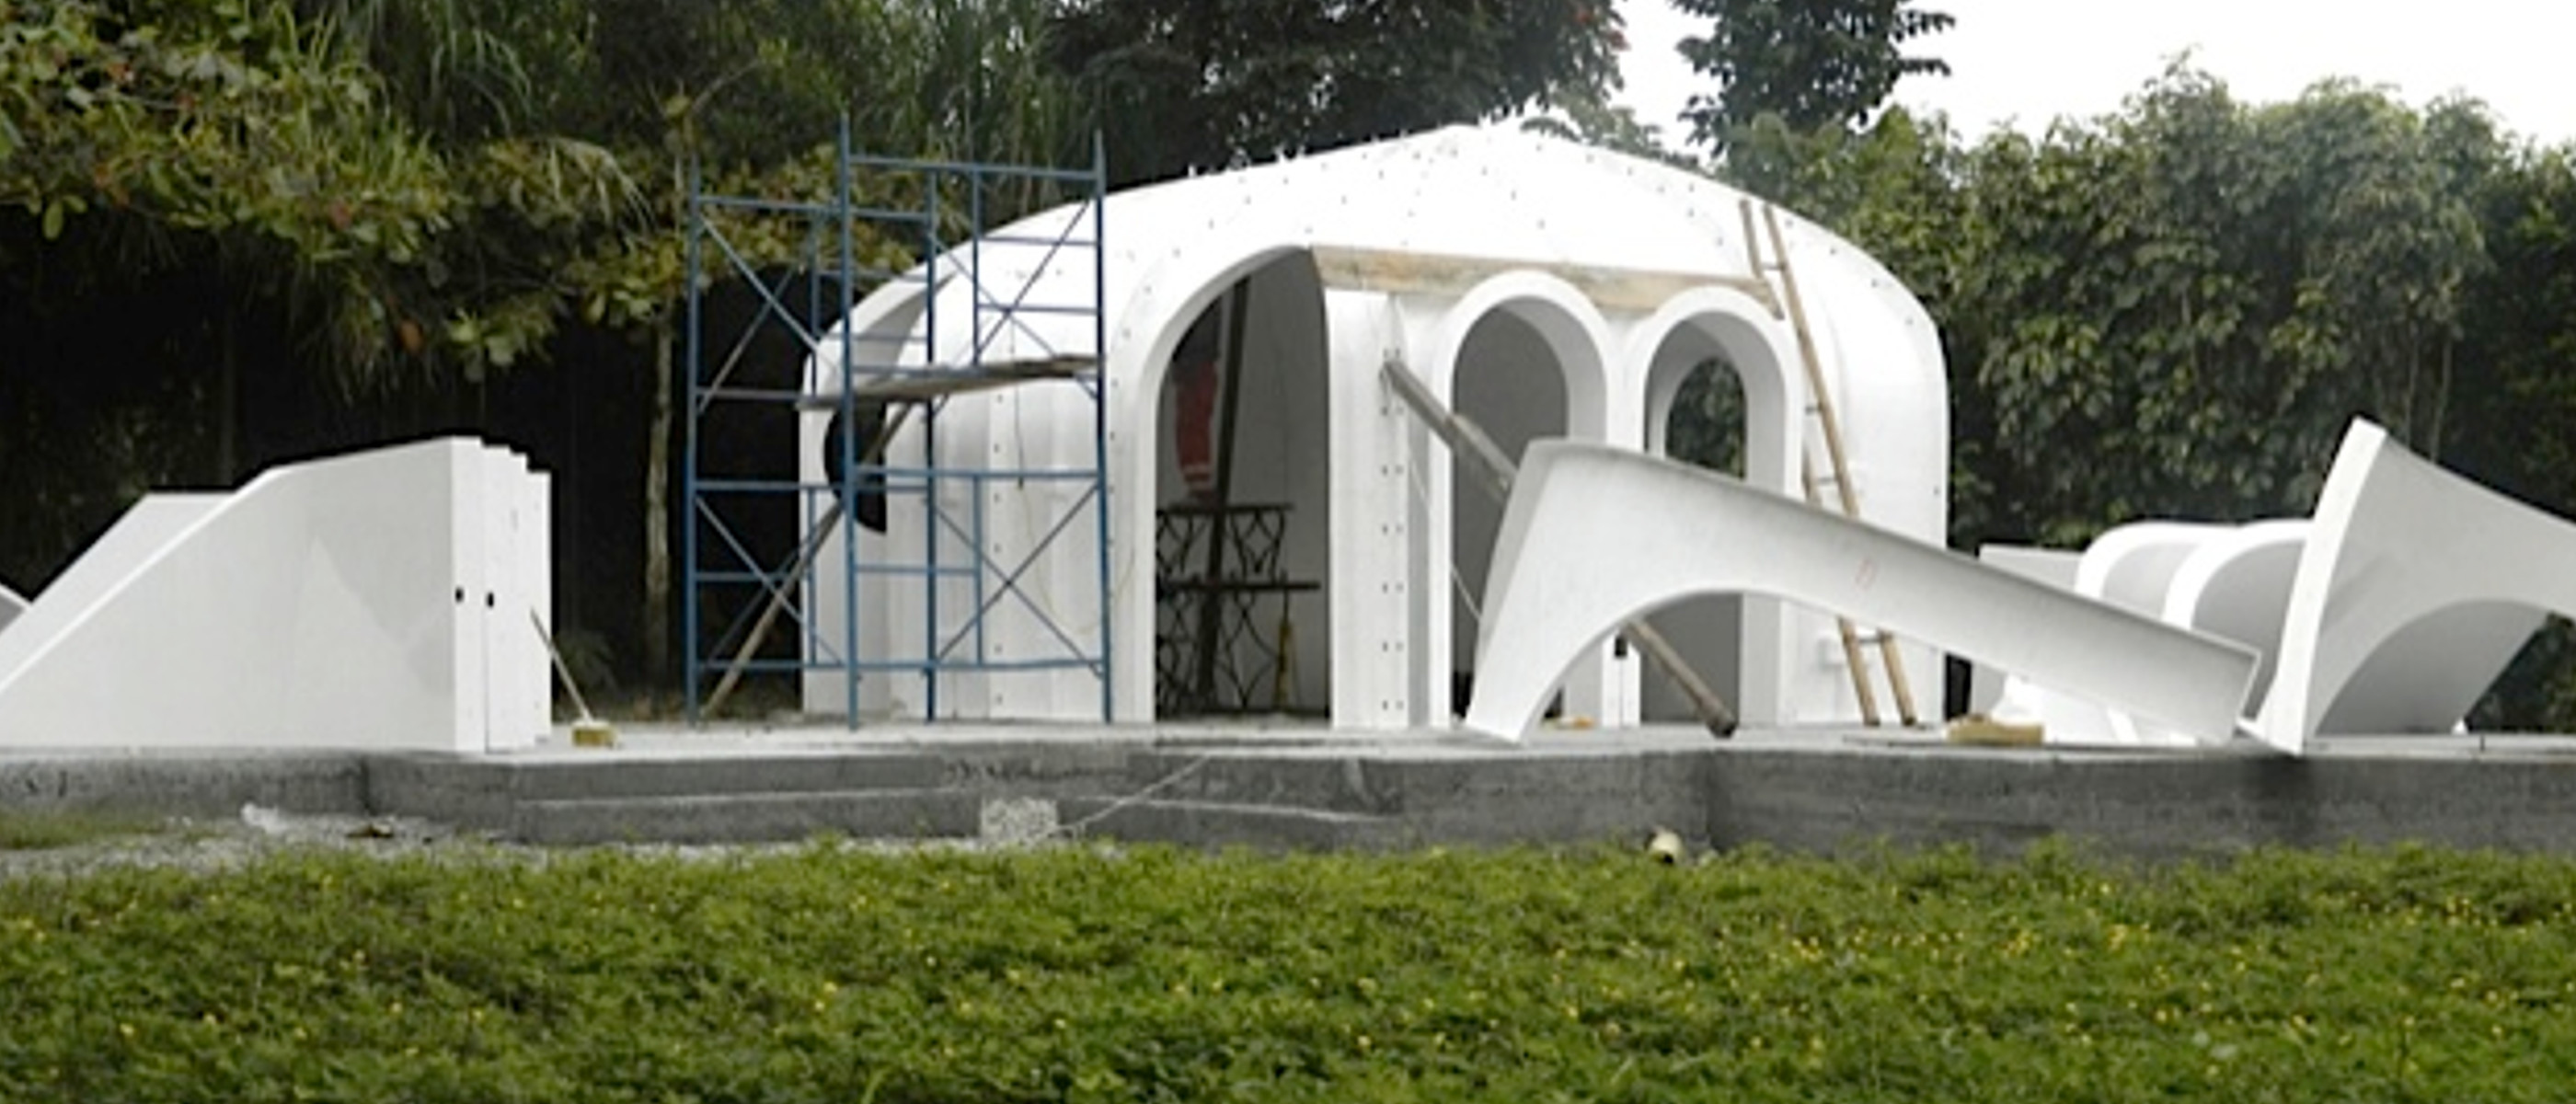 casas prefabricadas con césped dividida en módulos